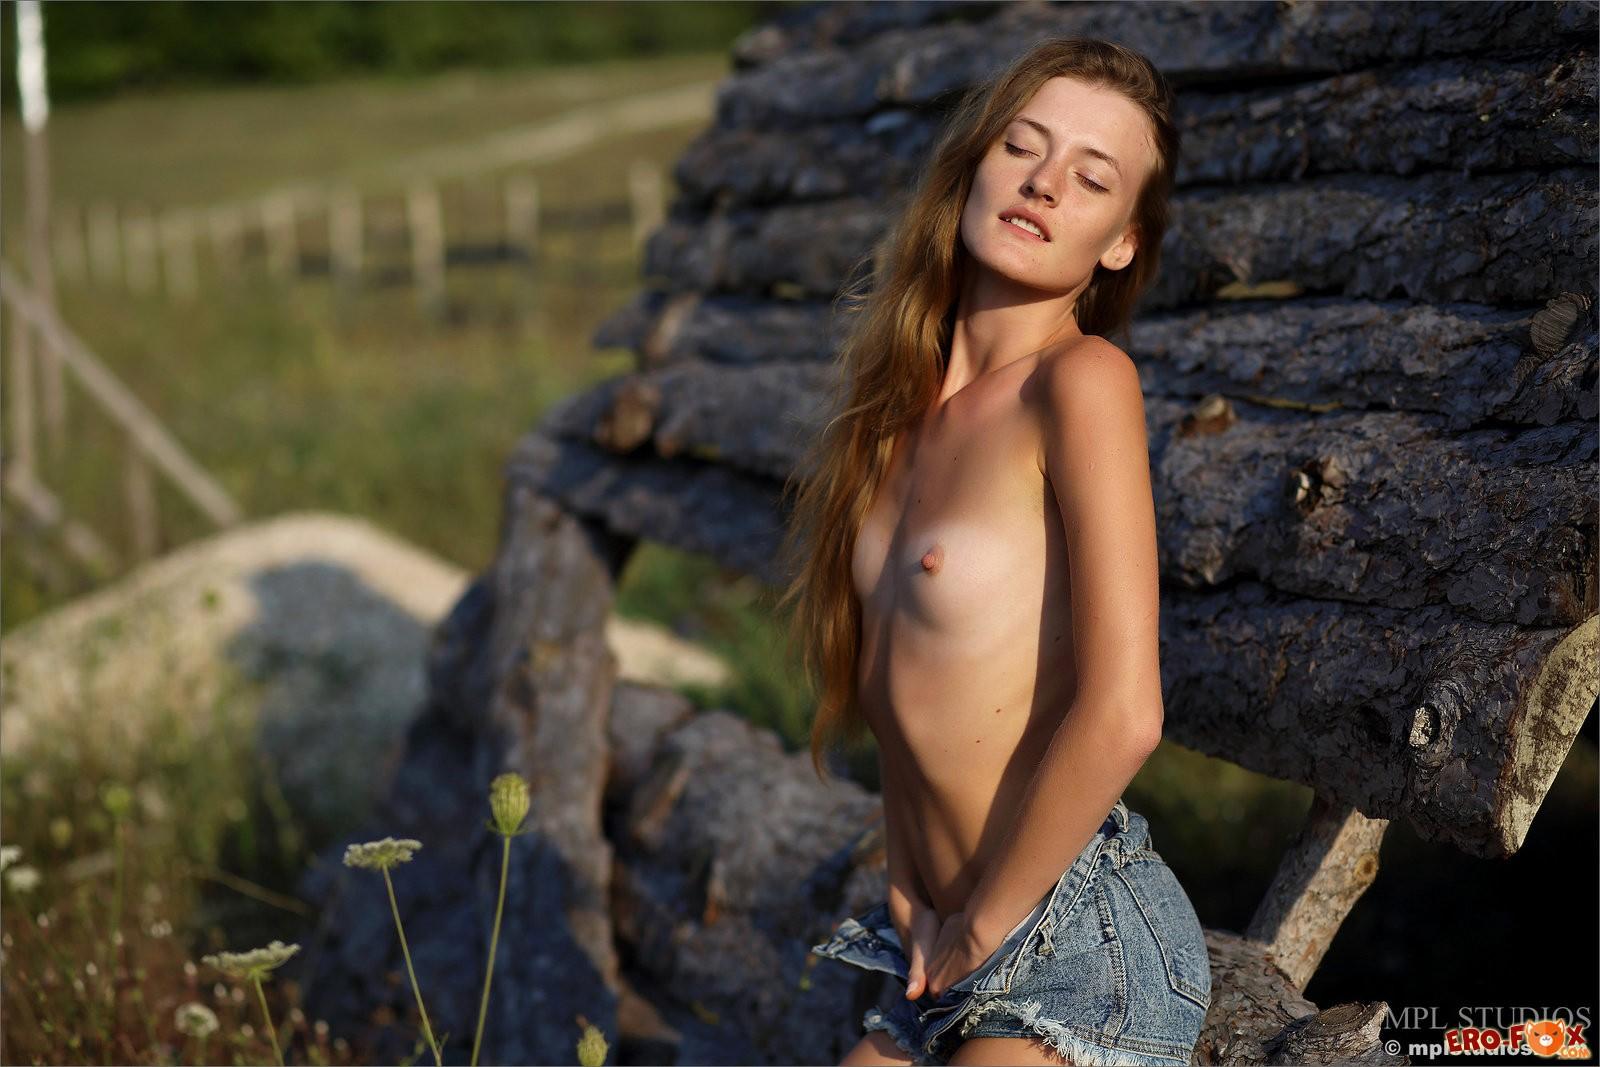 Деревенская девка разделась на природе